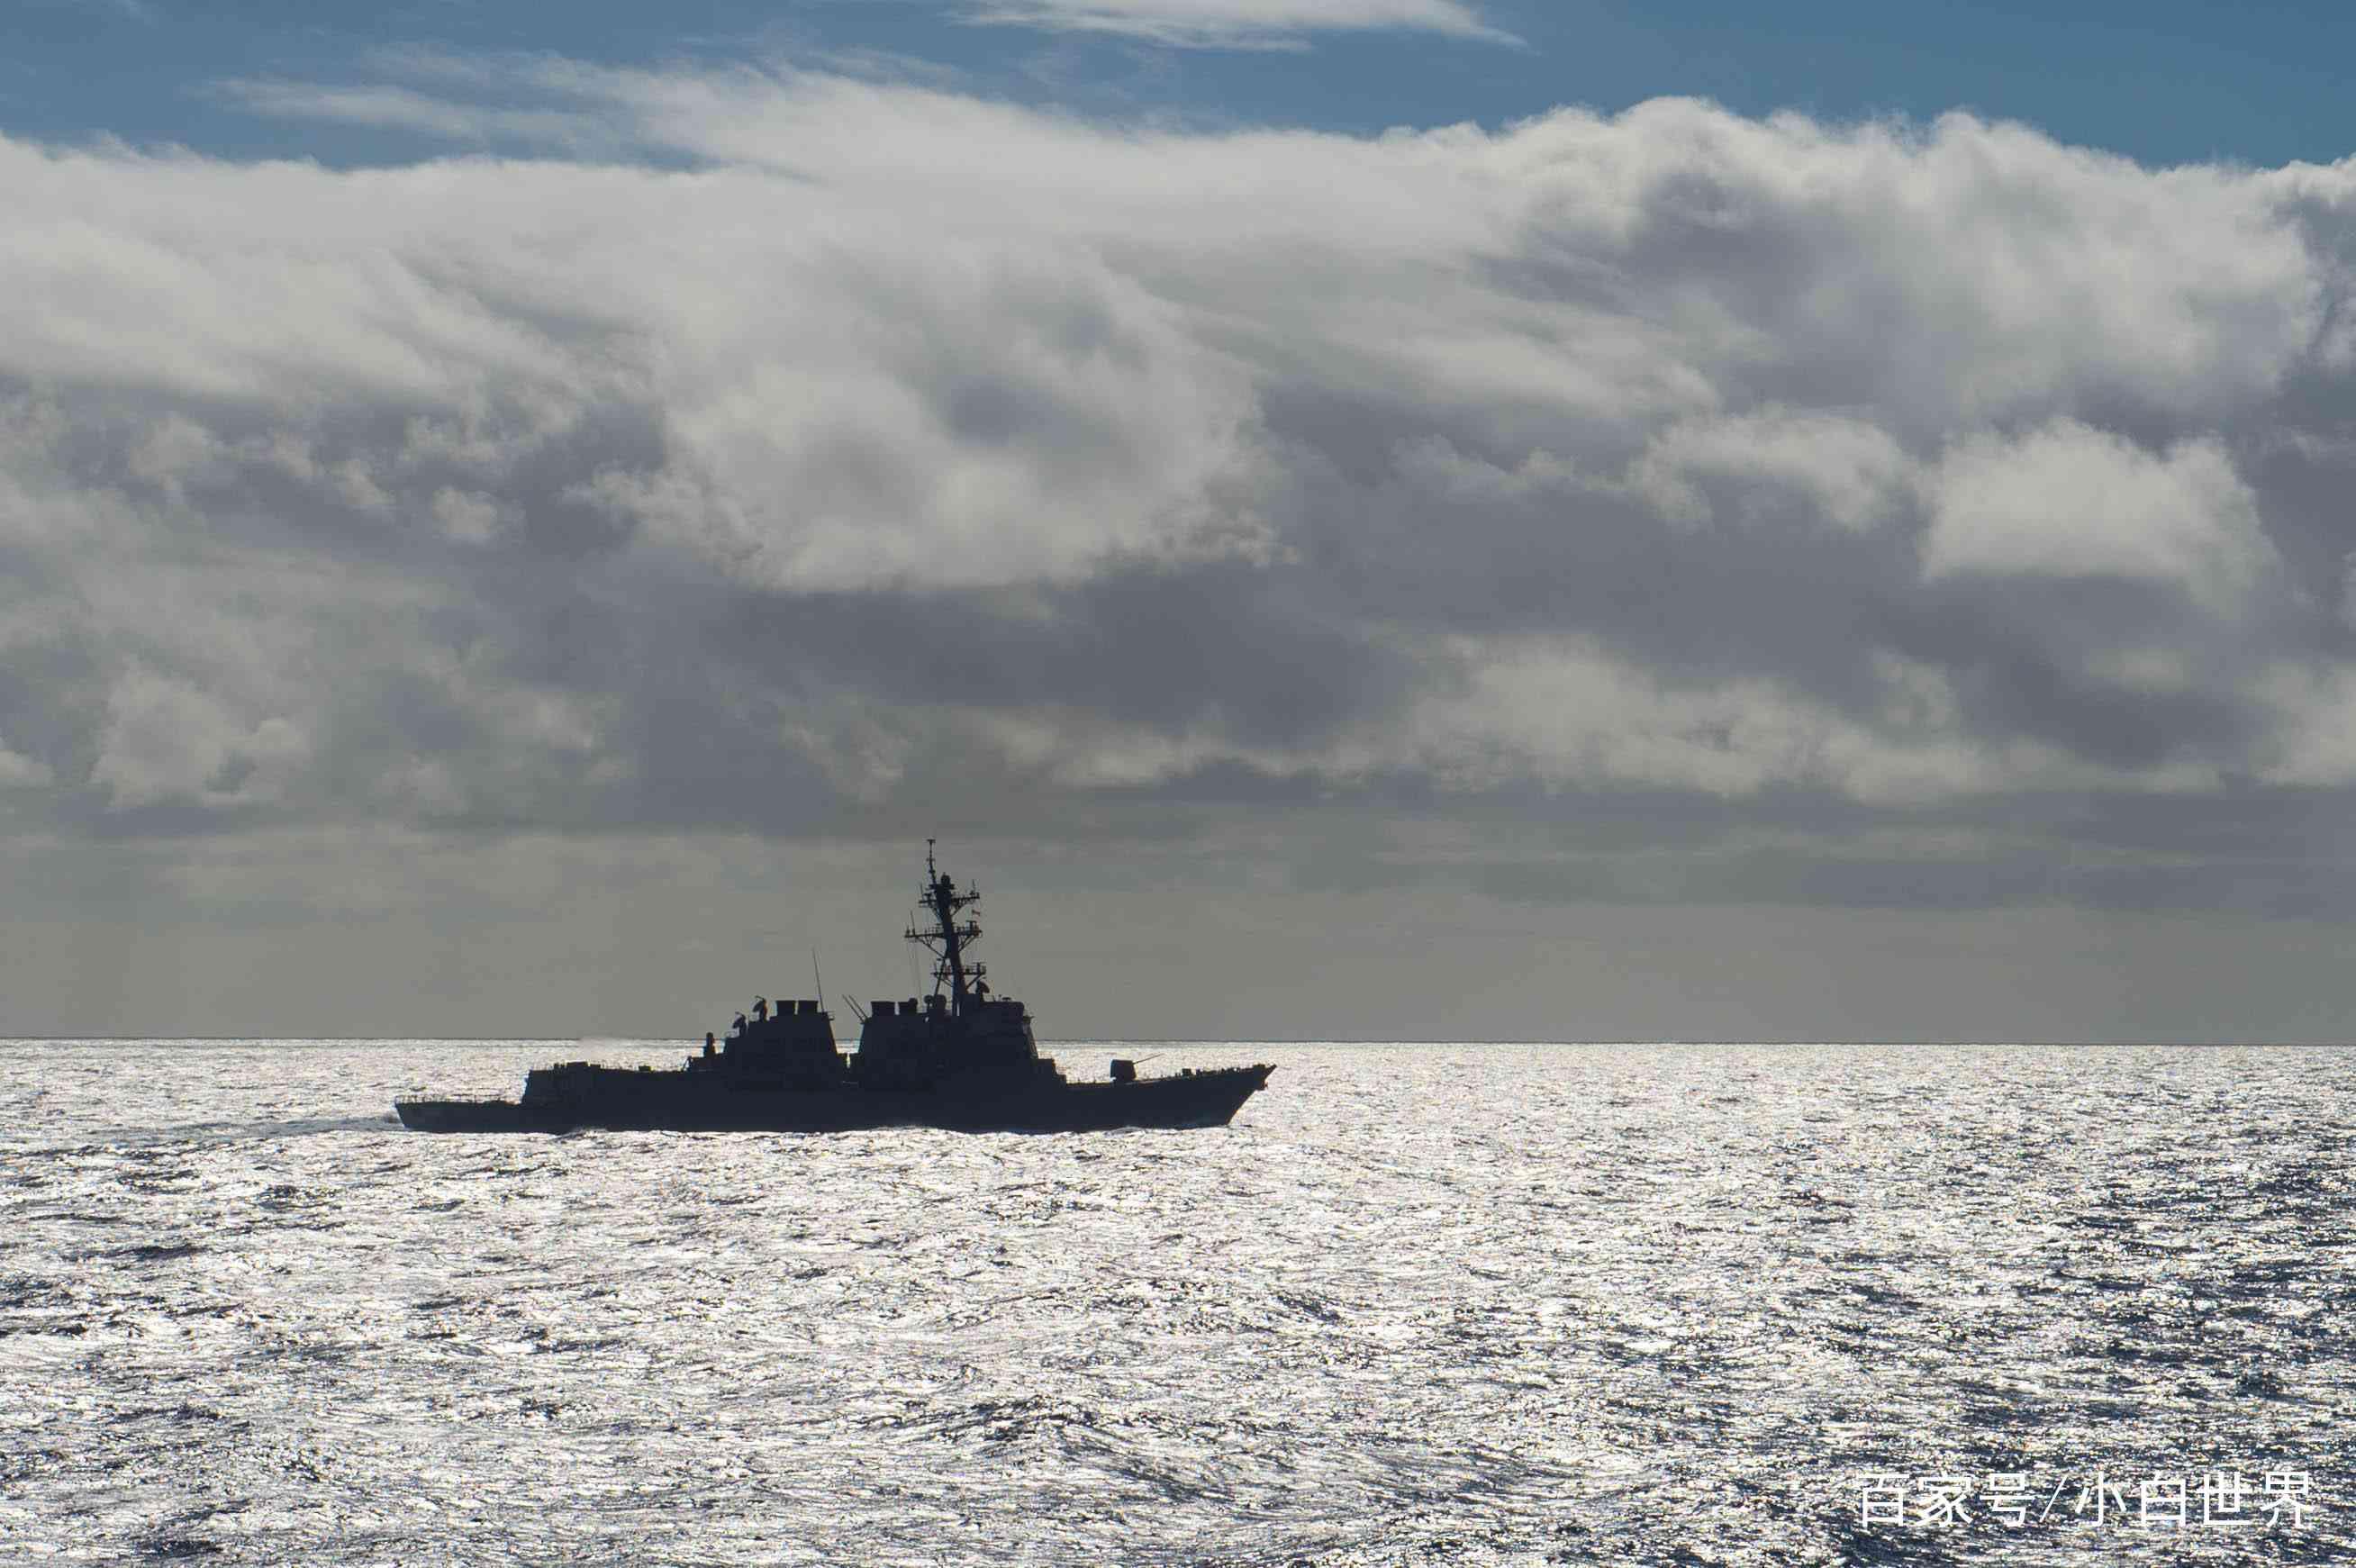 美国军舰再到西沙群岛挑衅,越南背信弃义发声支持美国!